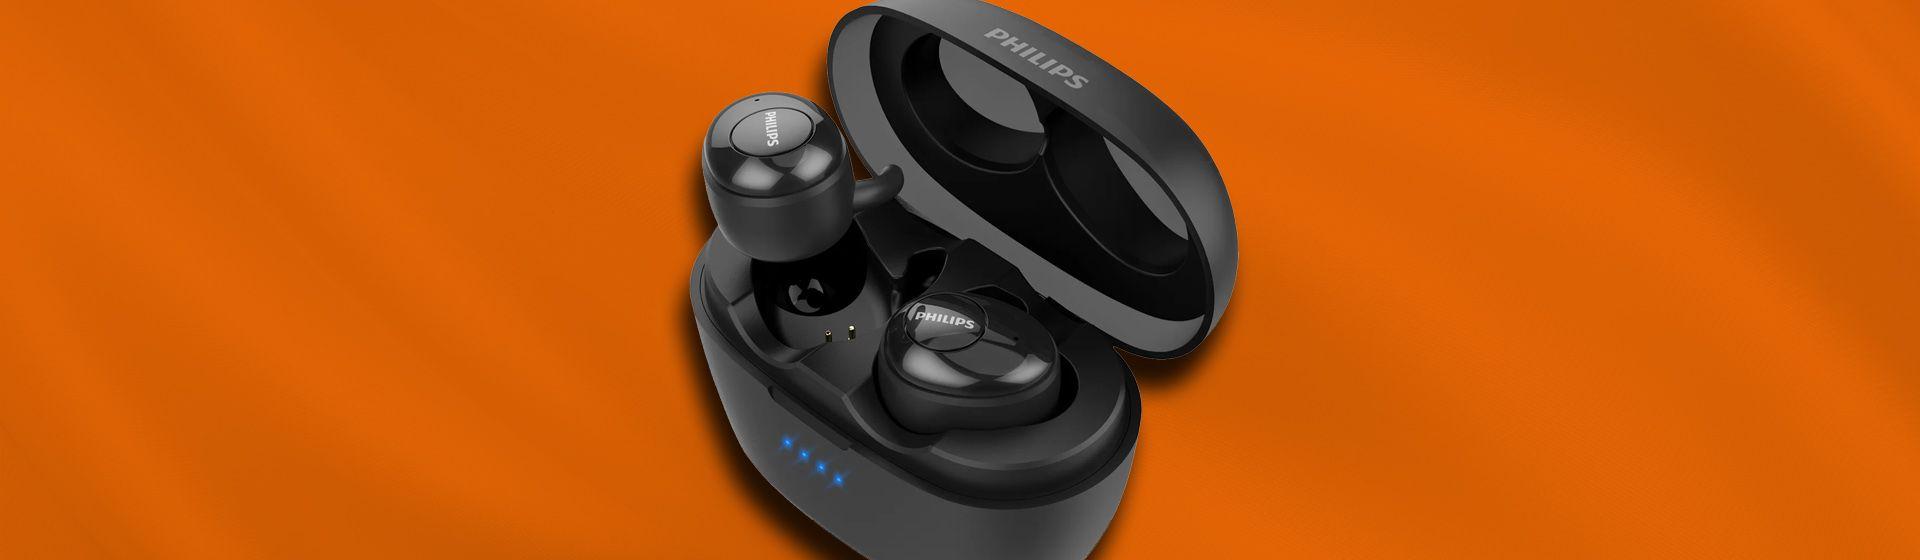 Philips SHB2505 UpBeat é bom? Veja a ficha técnica dos fones de ouvido